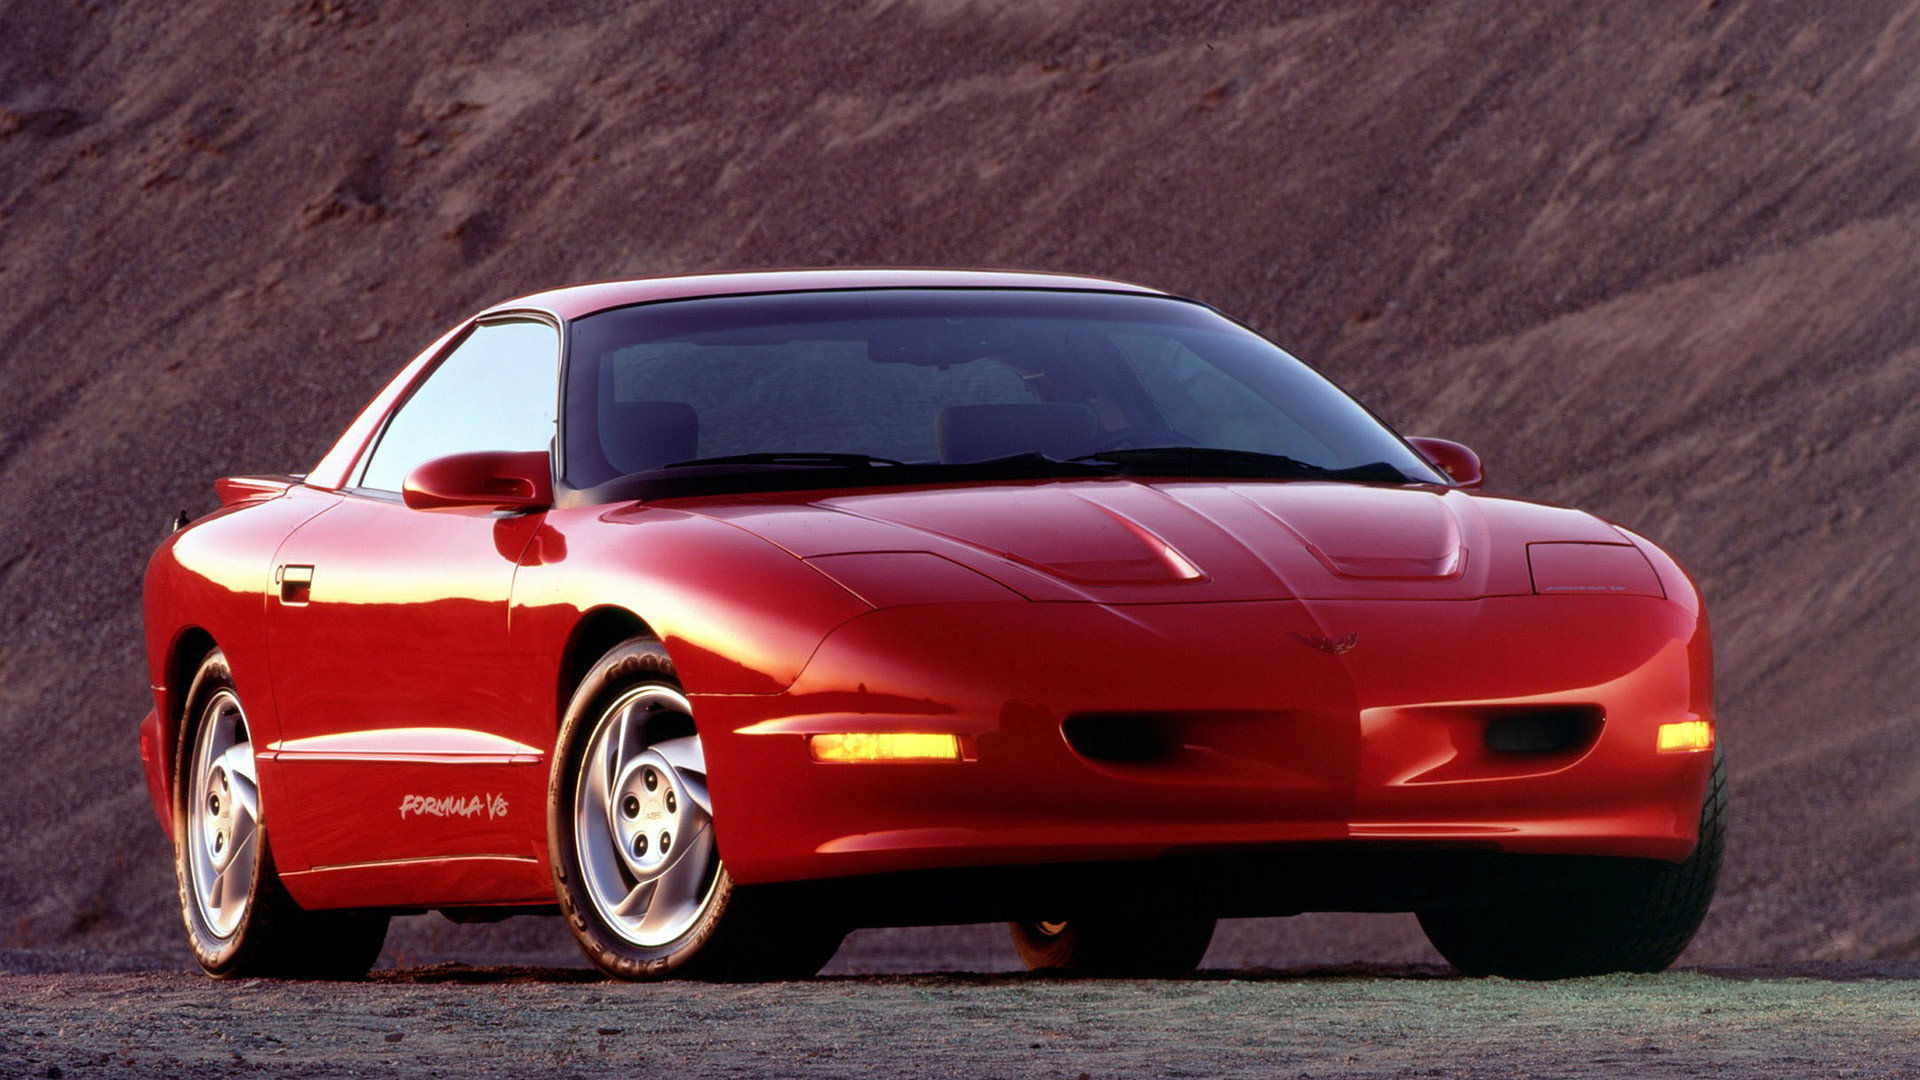 Res: 1920x1080, 1996 Pontiac Firebird Formula picture